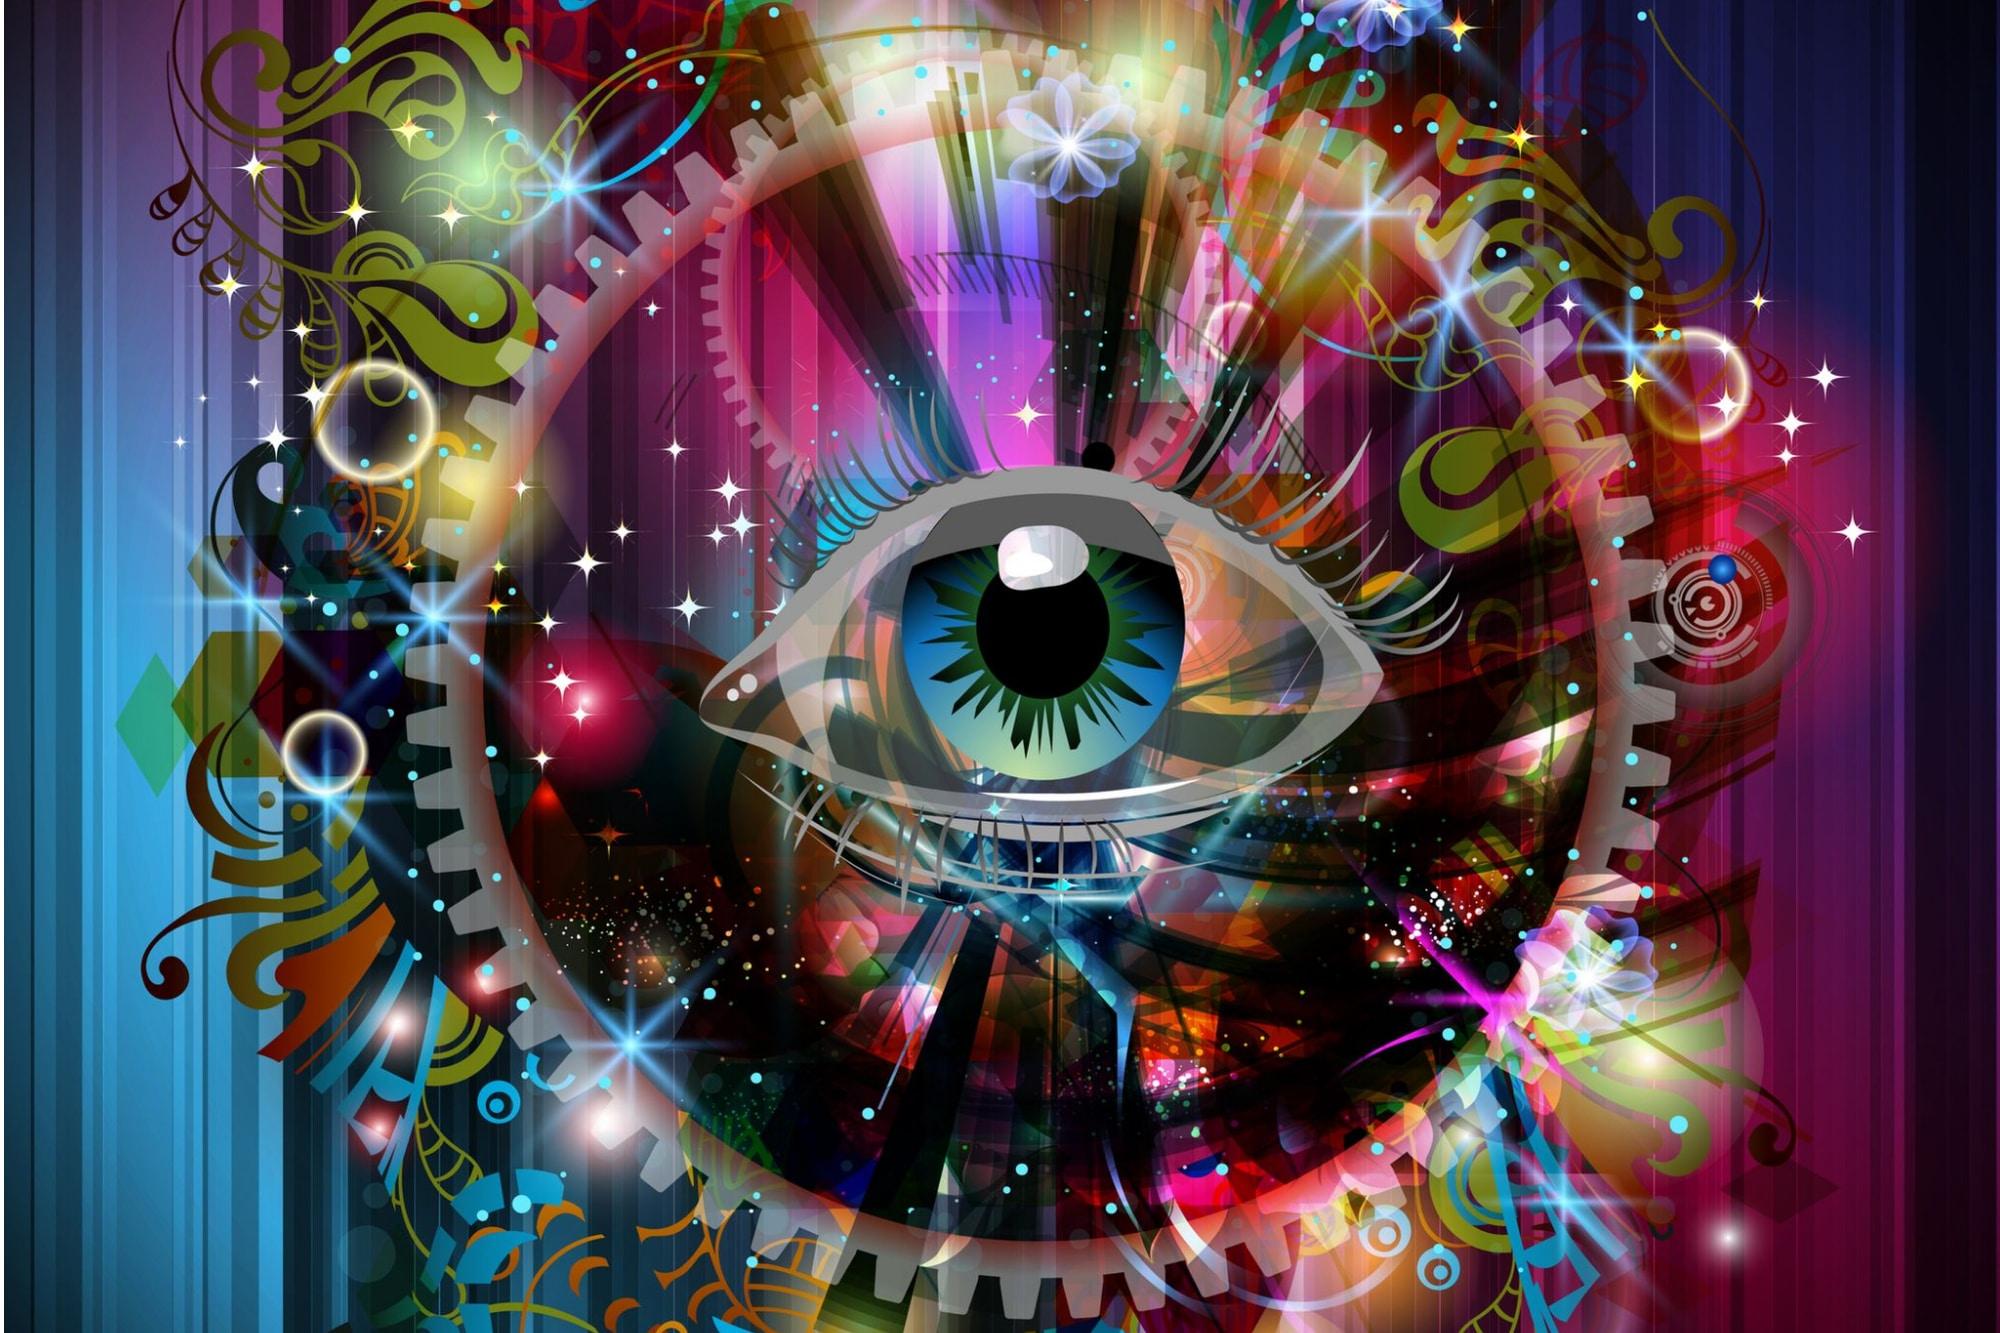 מבנה העין – אופטיקה יפעת